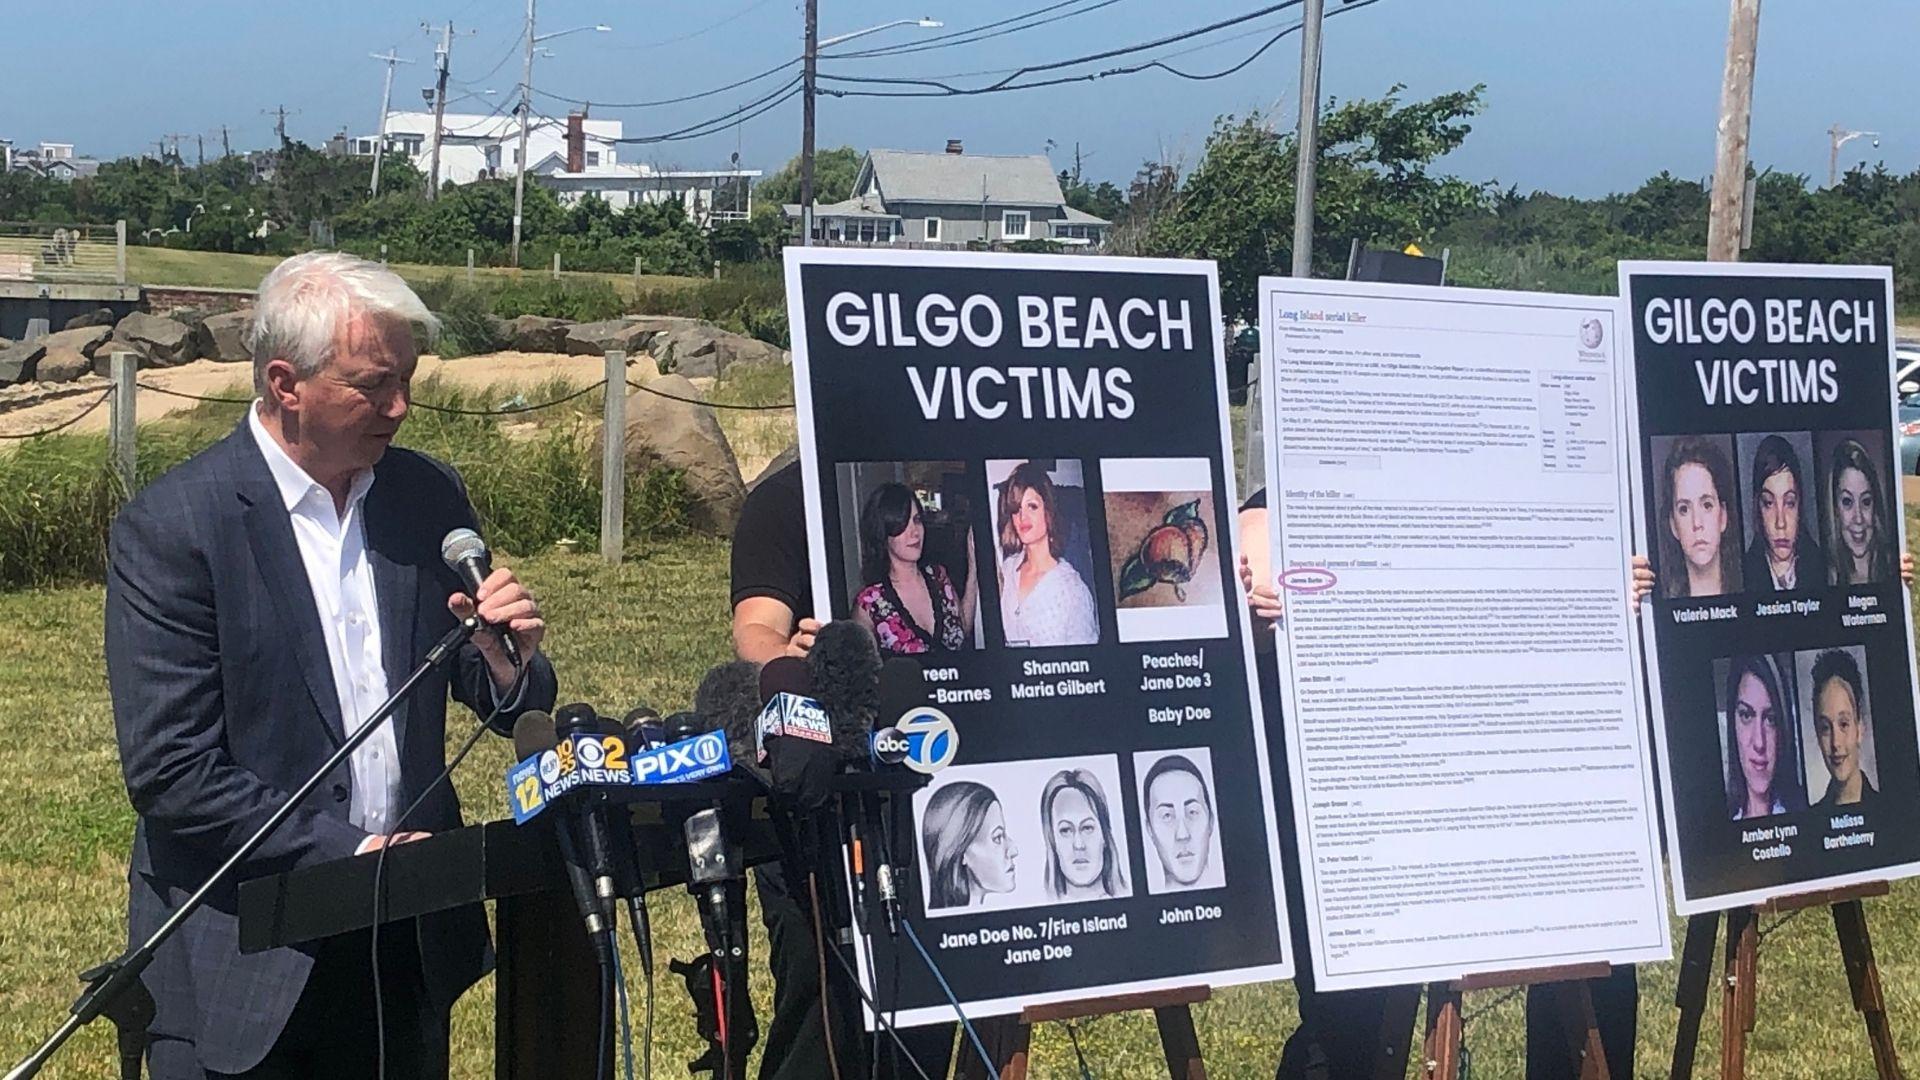 Gilgo beach serial killer investigation